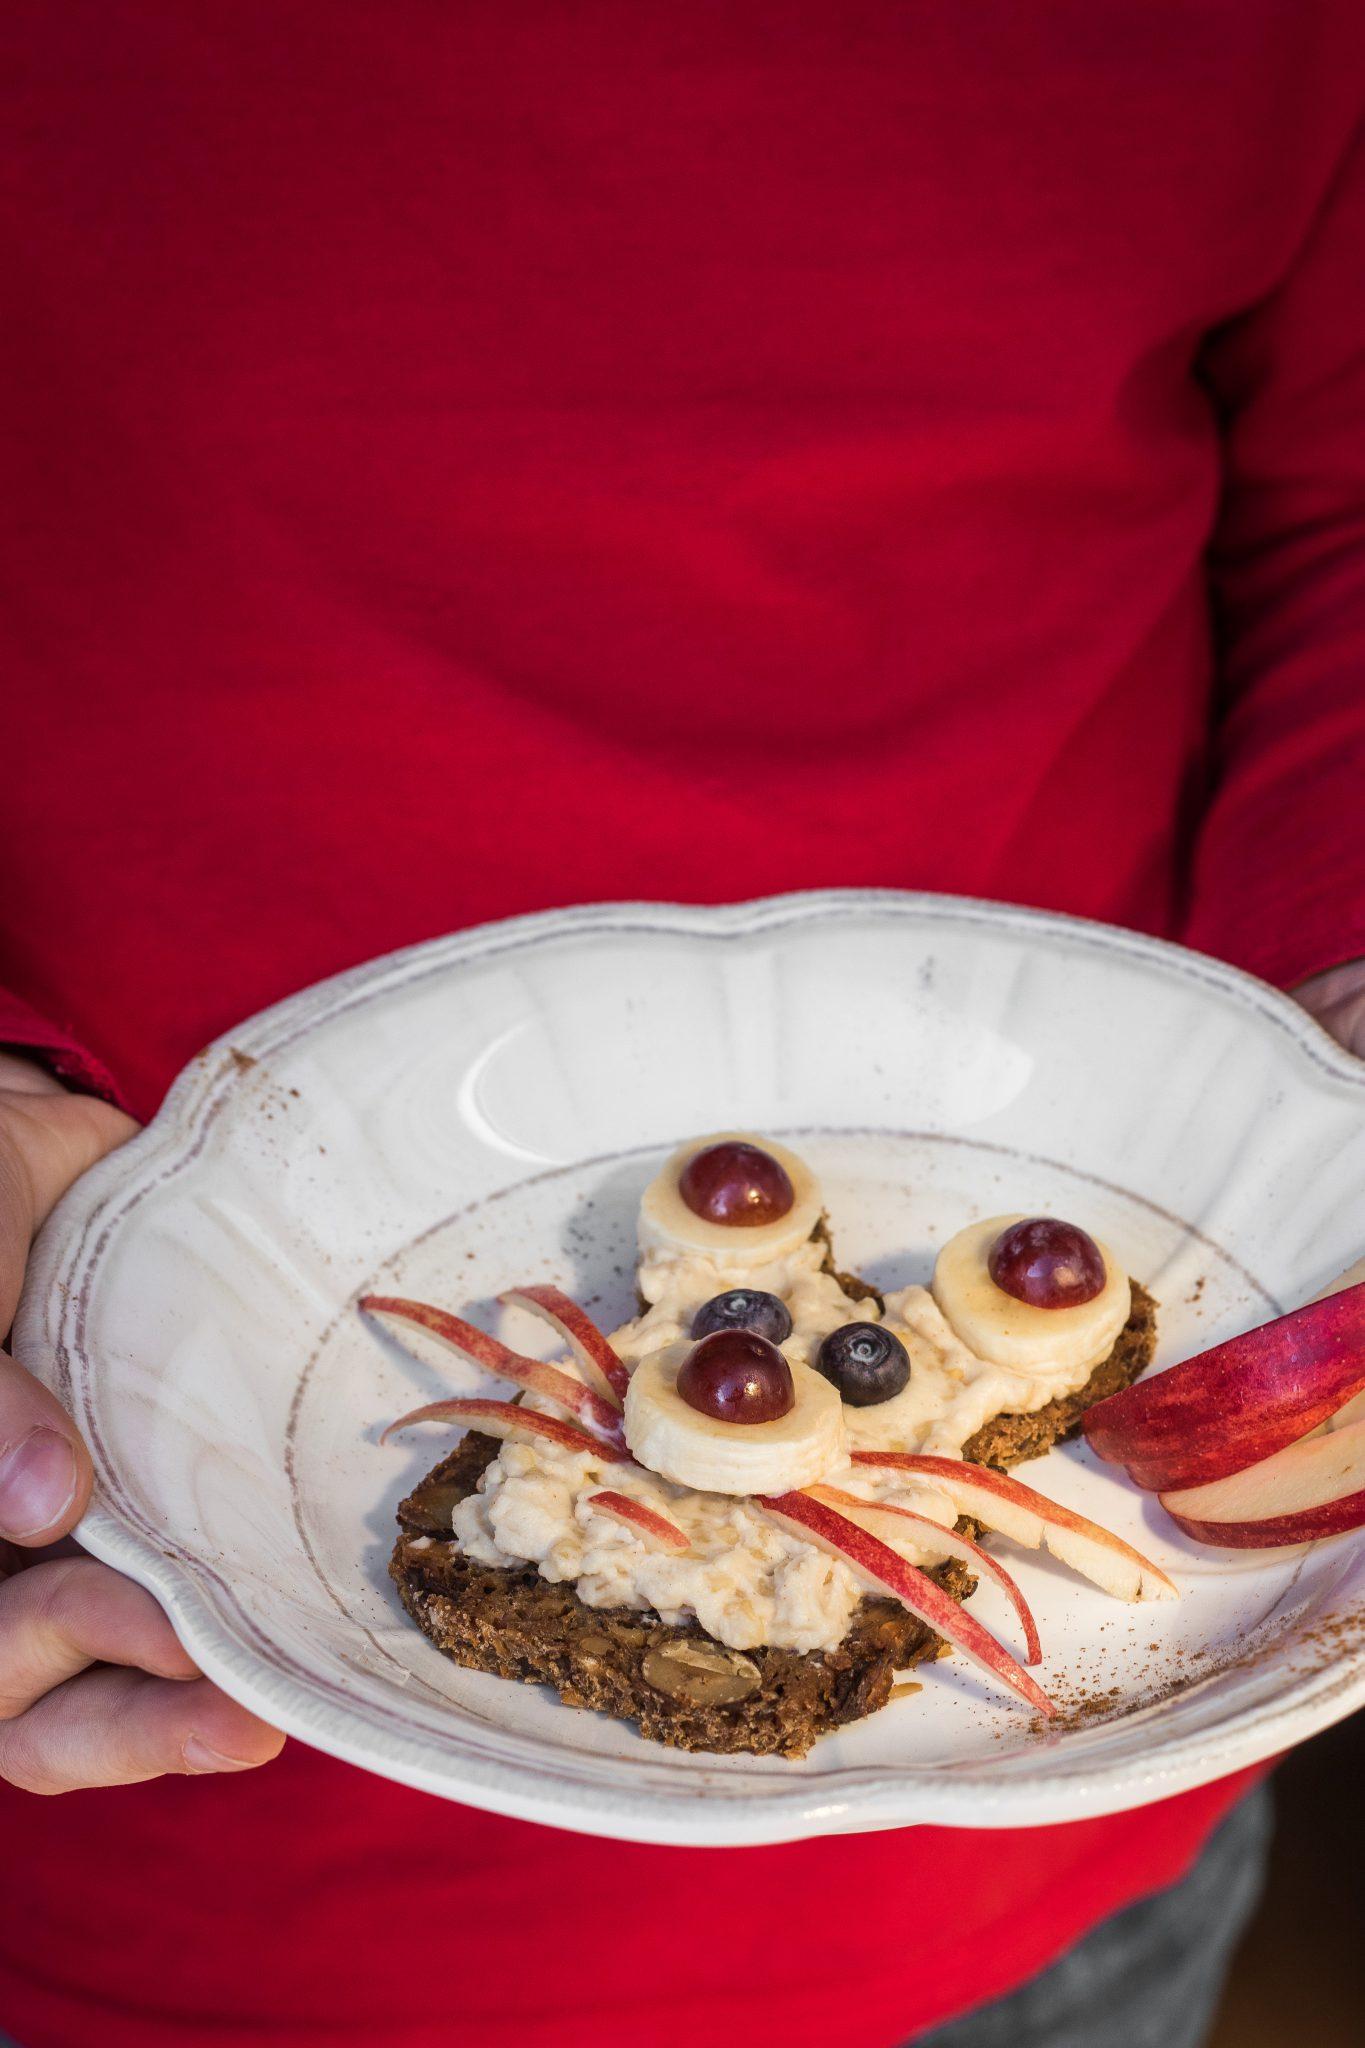 Fruehstuecksideen-belegtes-broet mit honig-mandel-joghurt-und-mueslibrot